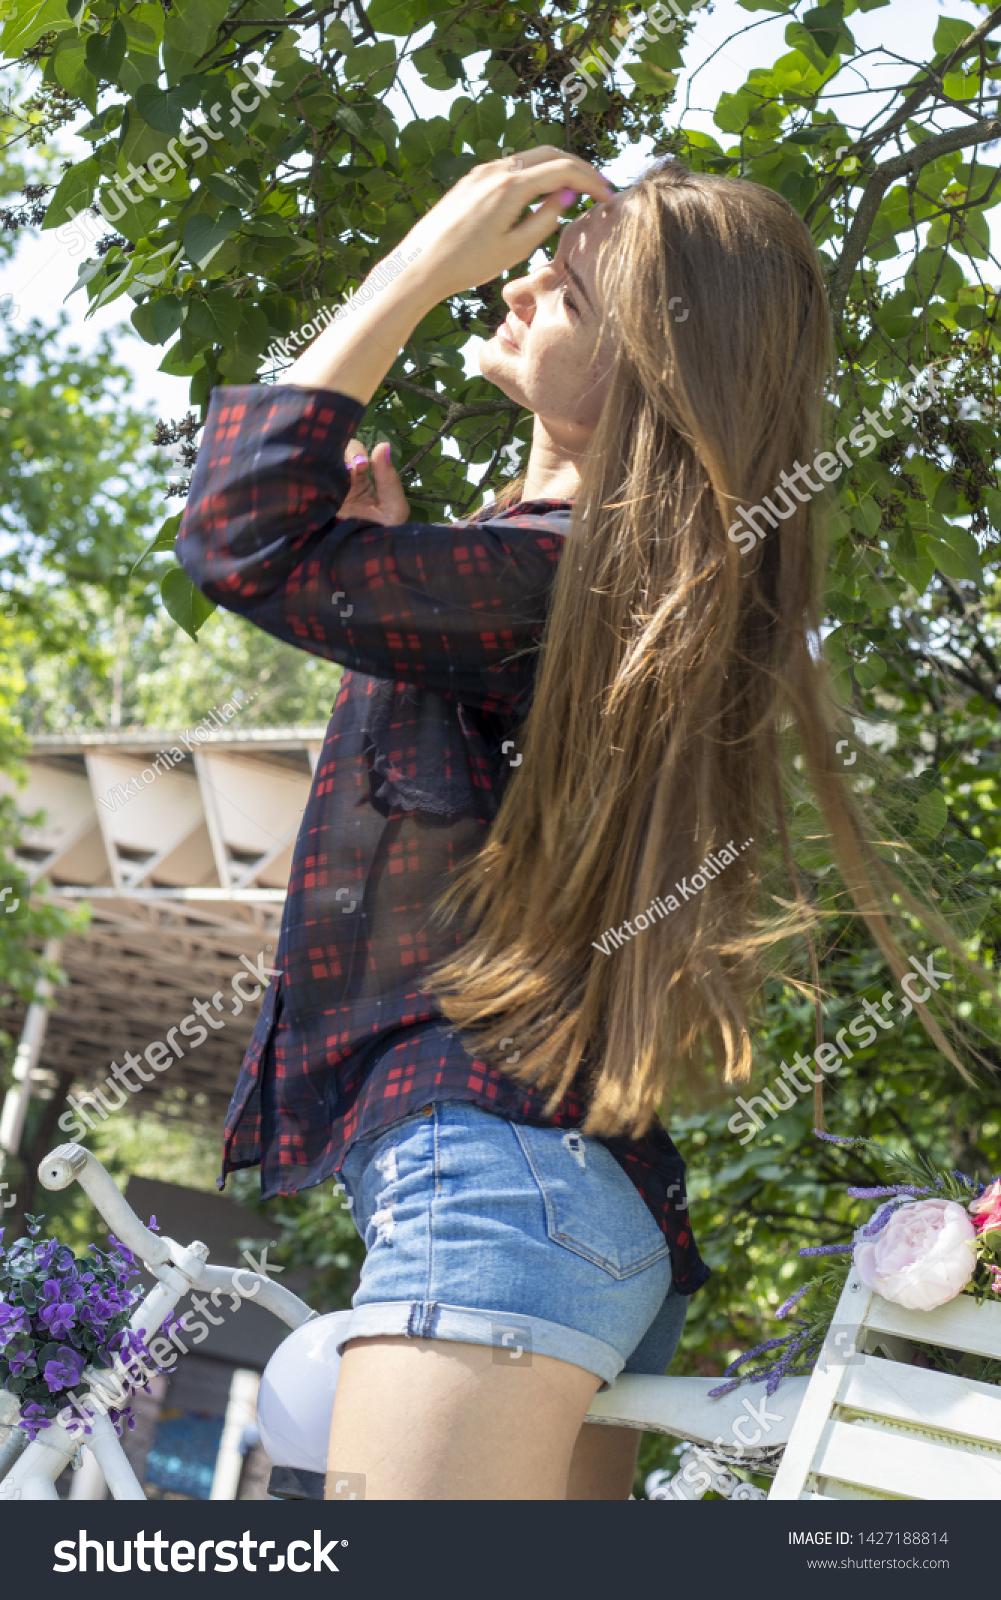 Models young russian Maladolescenza